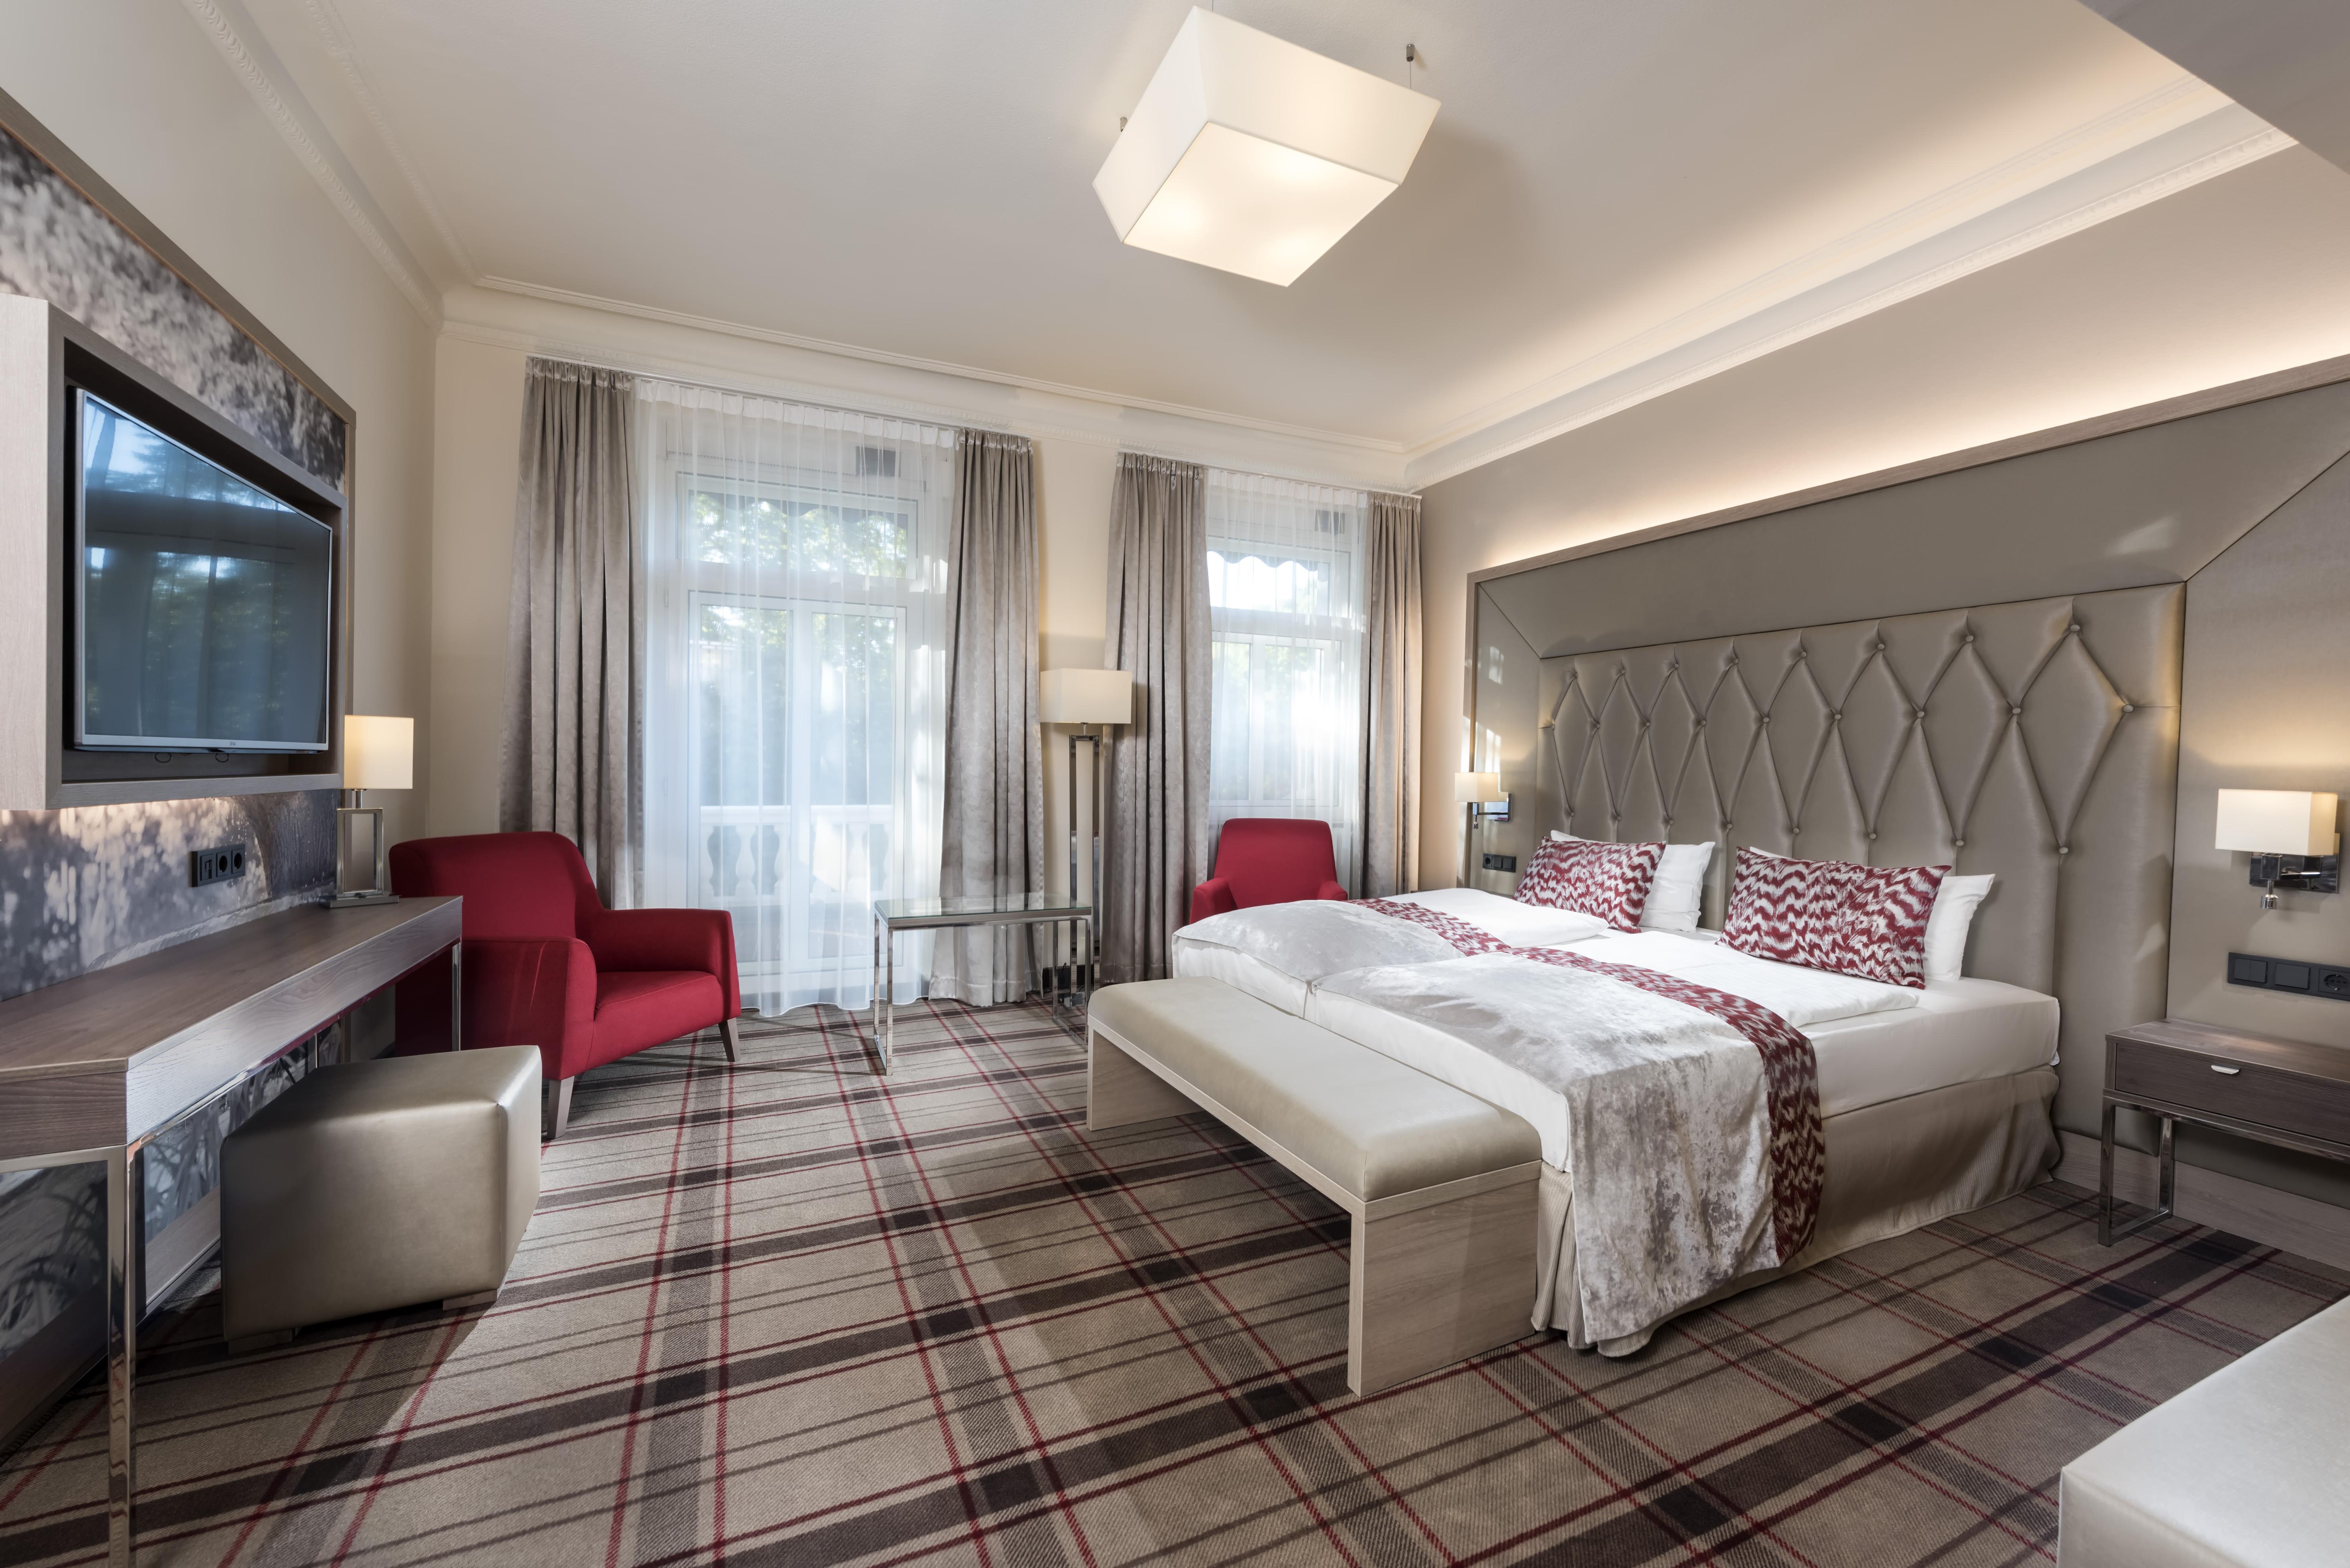 Radisson blu badischer hof hotel hotels hotels for Zimmer hotel